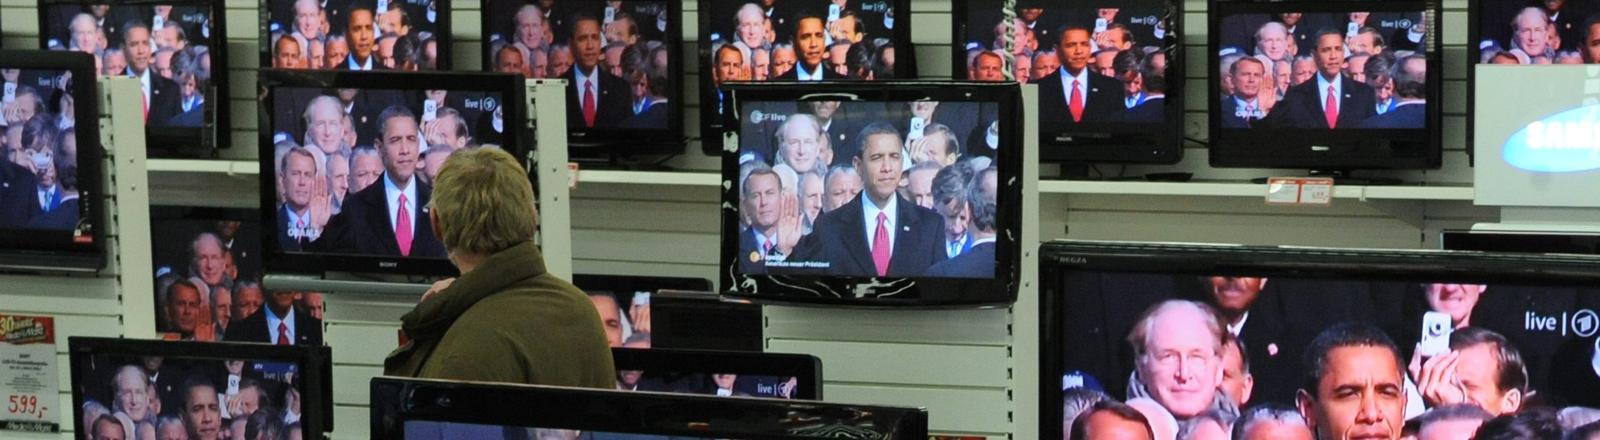 Kunden eines Technikhauses verfolgen am Dienstag (20.01.2009) in Hannover die offizielle Vereidigungszeremonie des neuen US-Präsidenten Barack Obama.